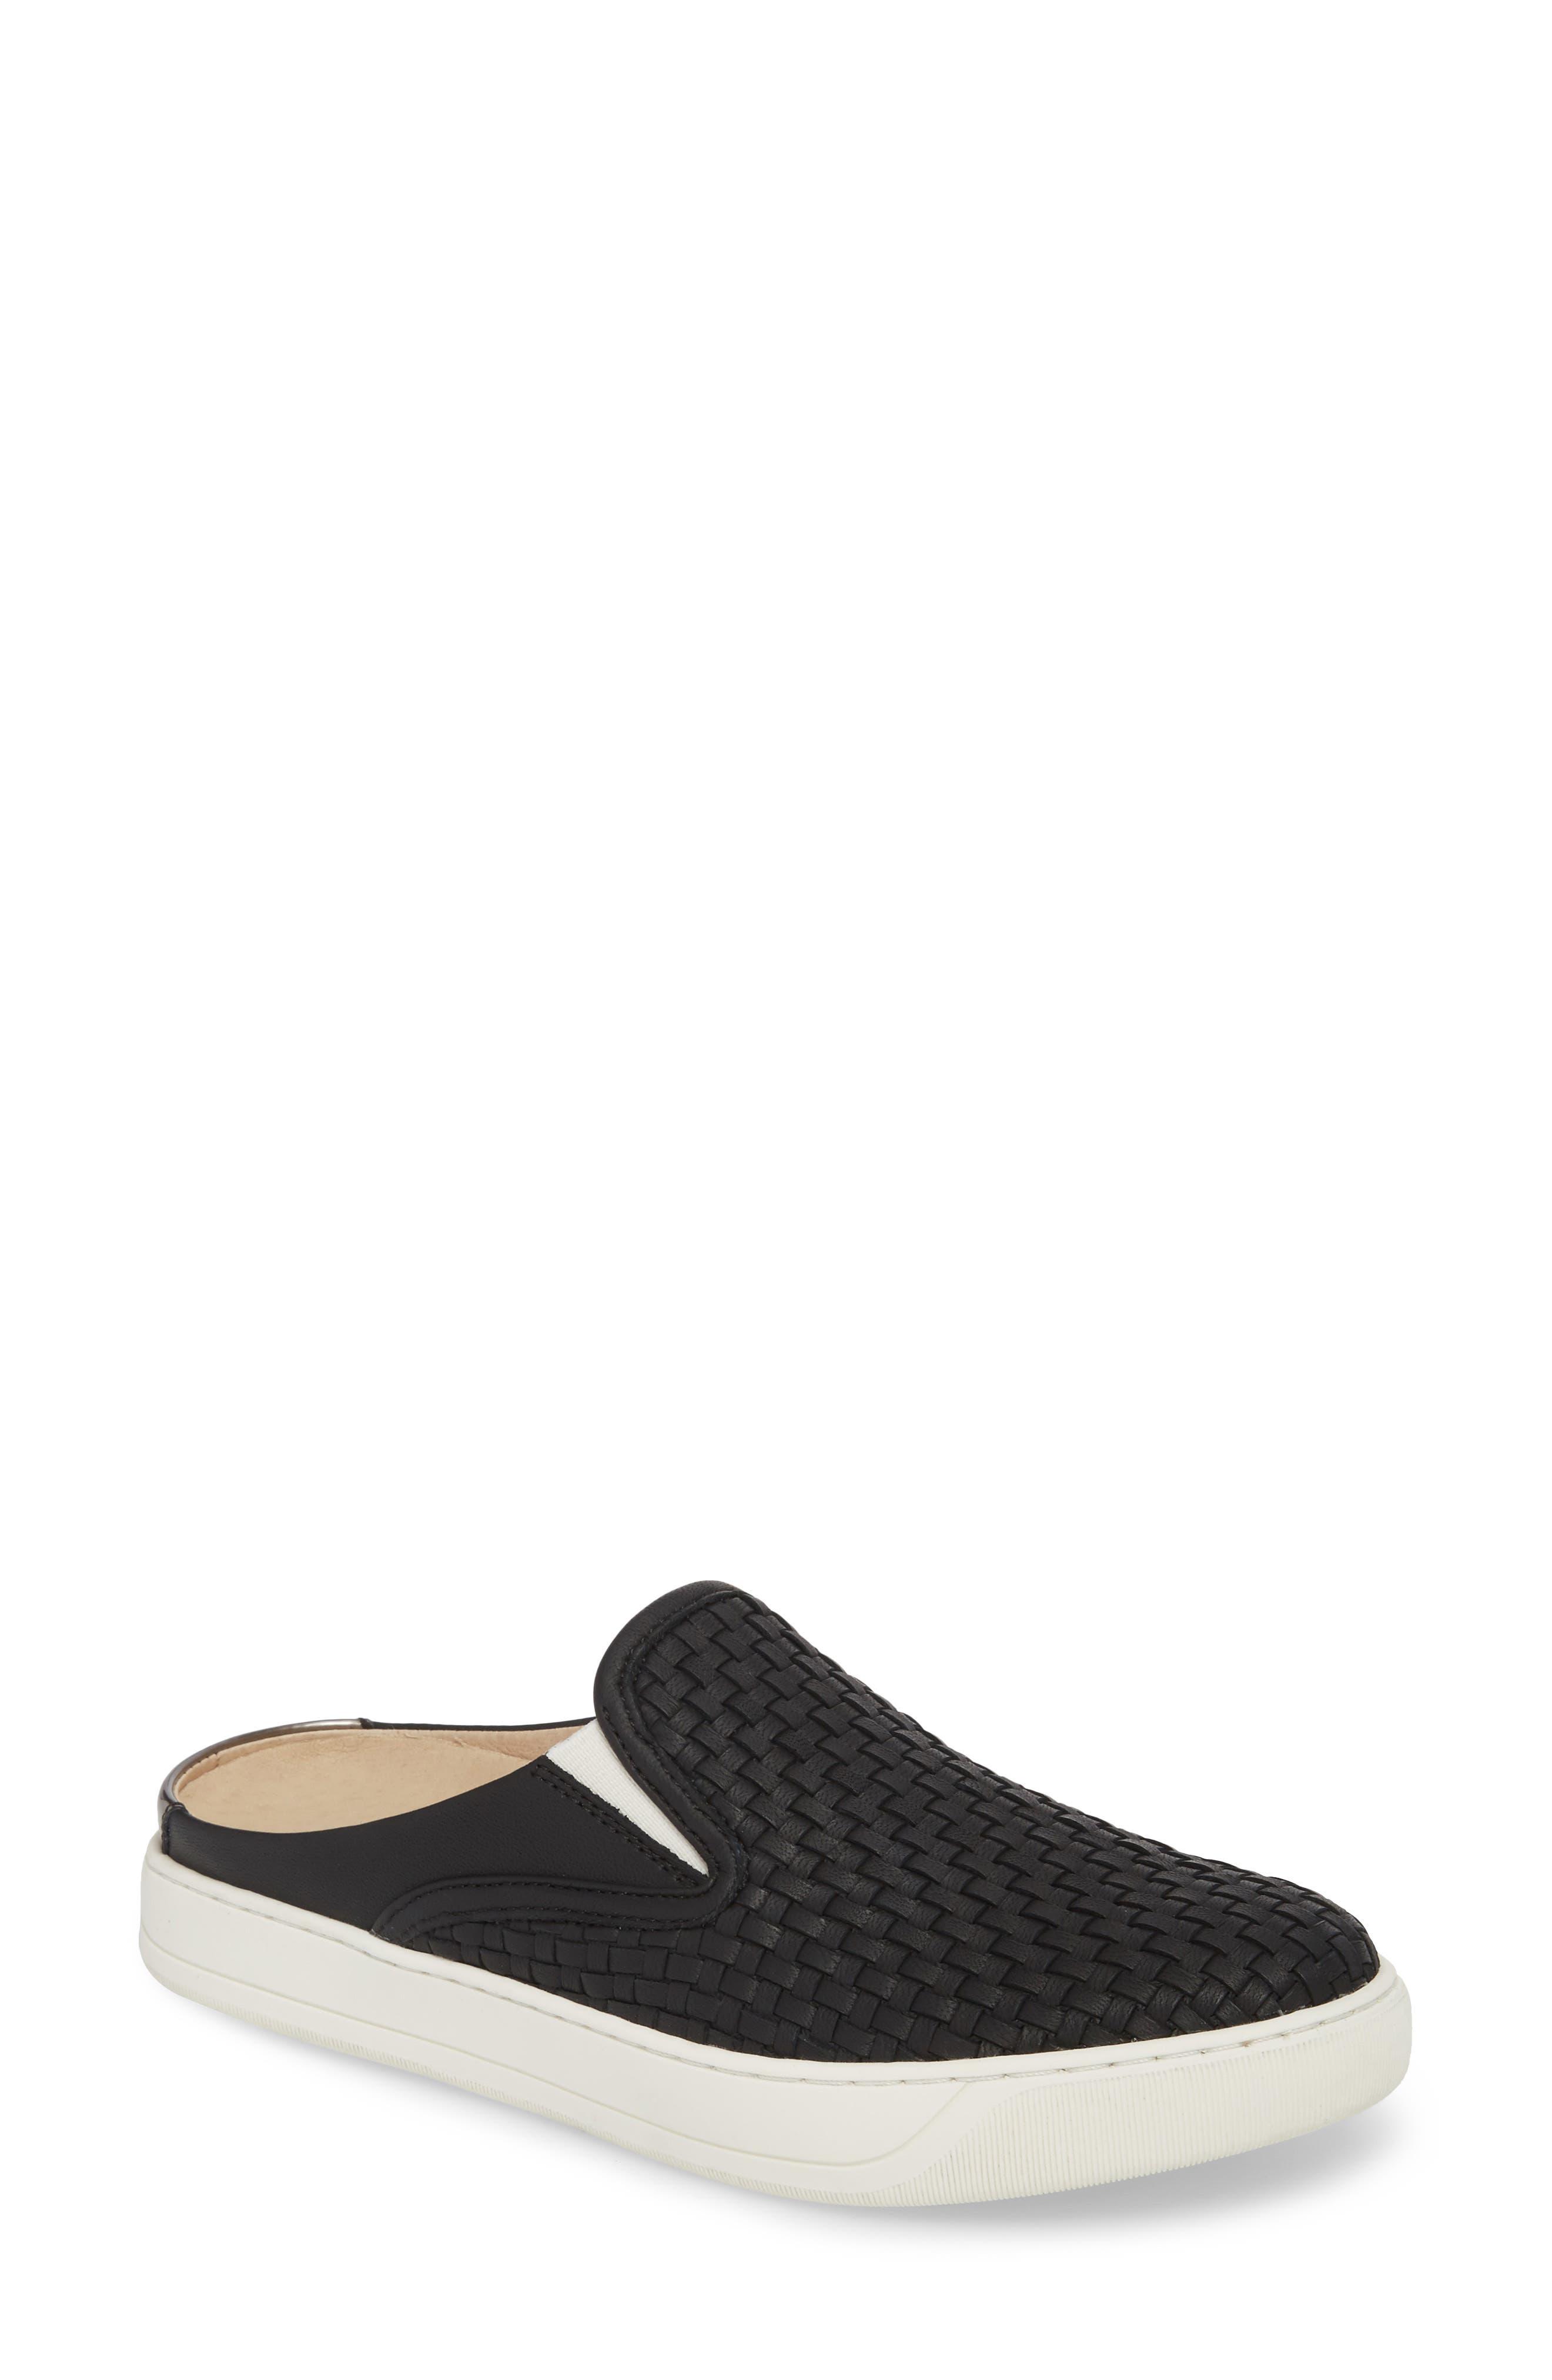 Johnston & Murphy Evie Slip-On Sneaker- Black